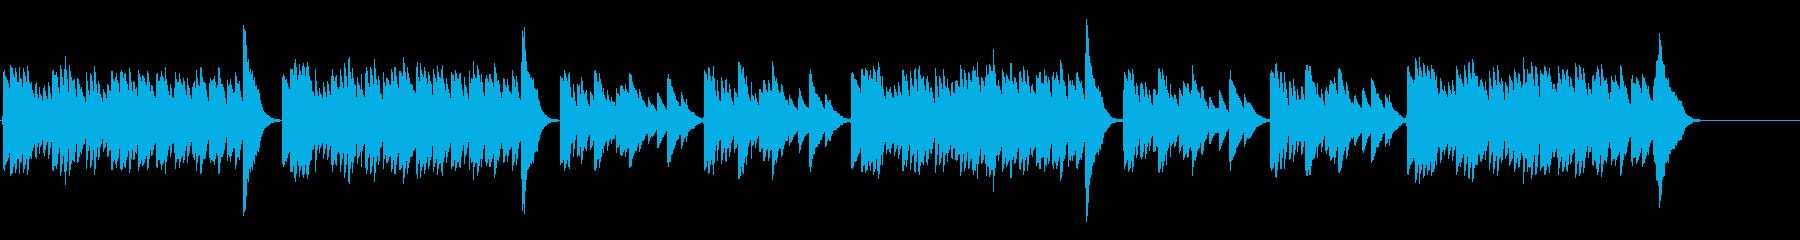 キラキラ星変奏曲(Var Ⅶ)オルゴールの再生済みの波形